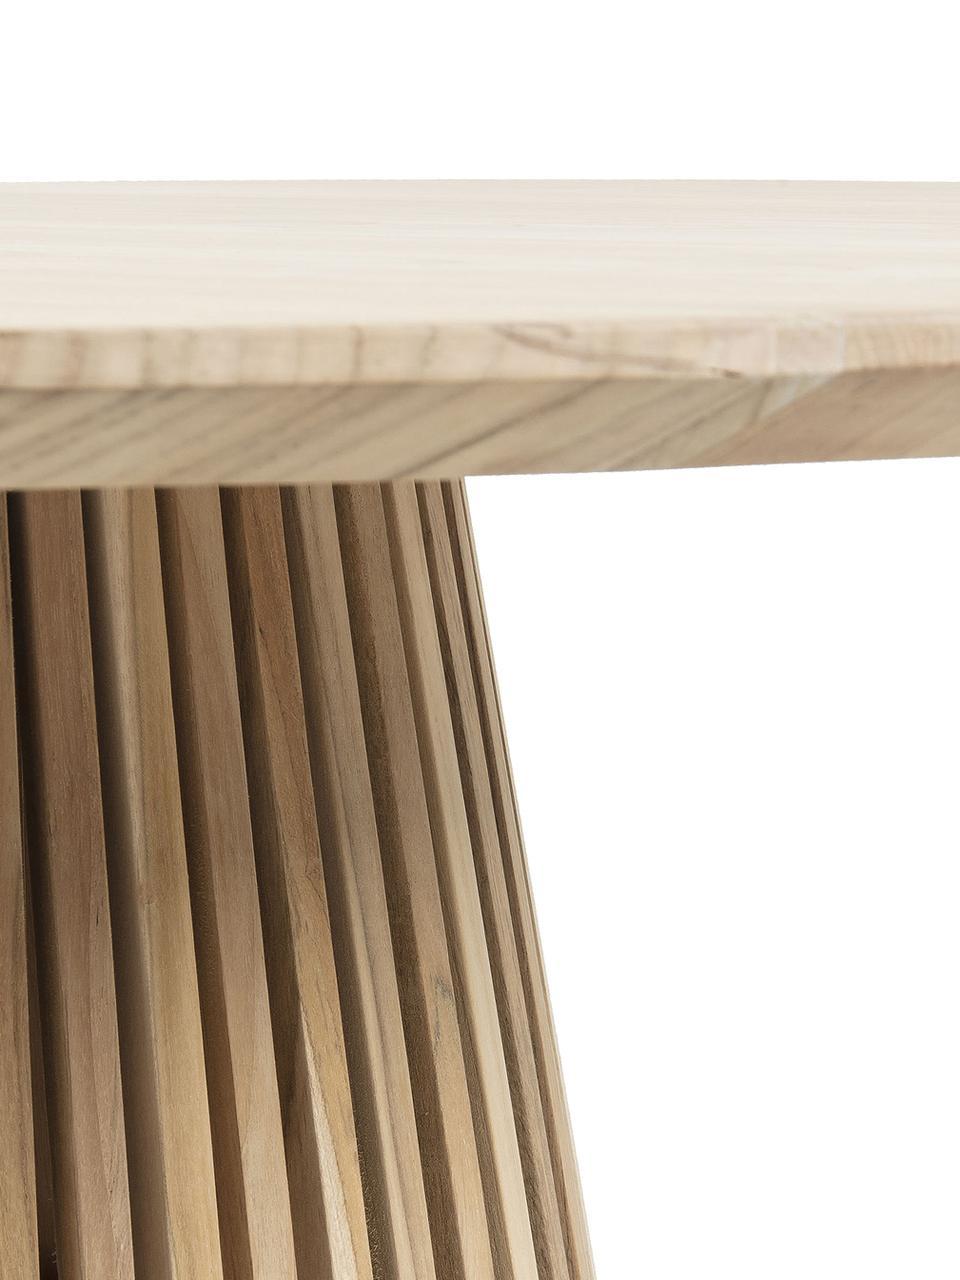 Runder Massivholz Esstisch Jeanette im Skandi Design, Teakholz, naturbelassen, Teakholz, Ø 120 x H 78 cm